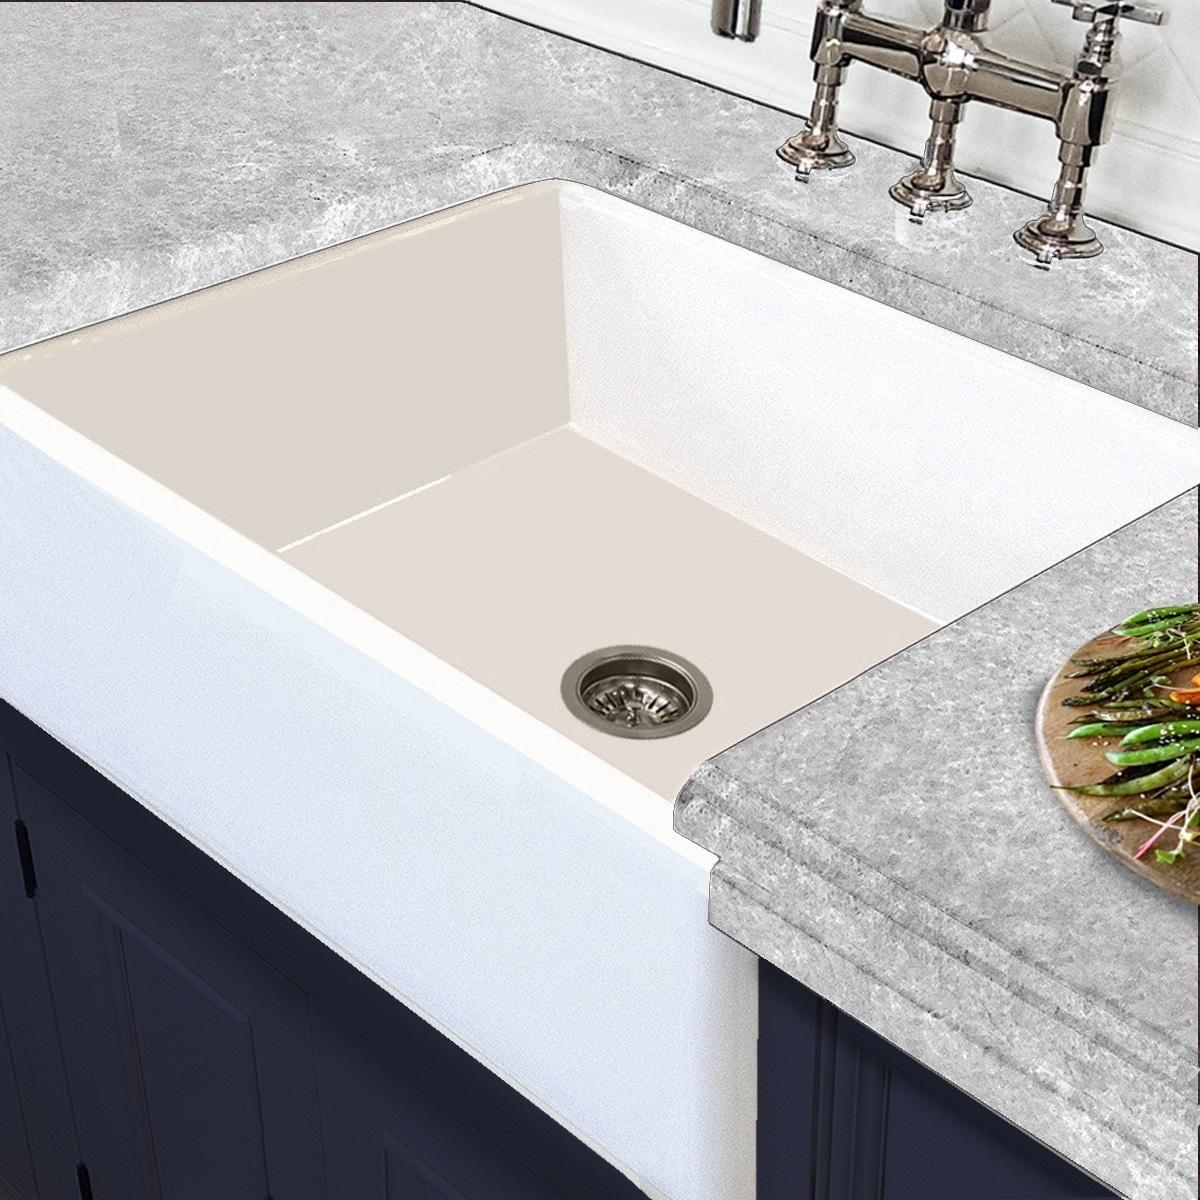 Shop White Italian Fireclay Reversible Farmhouse Kitchen Sink Free